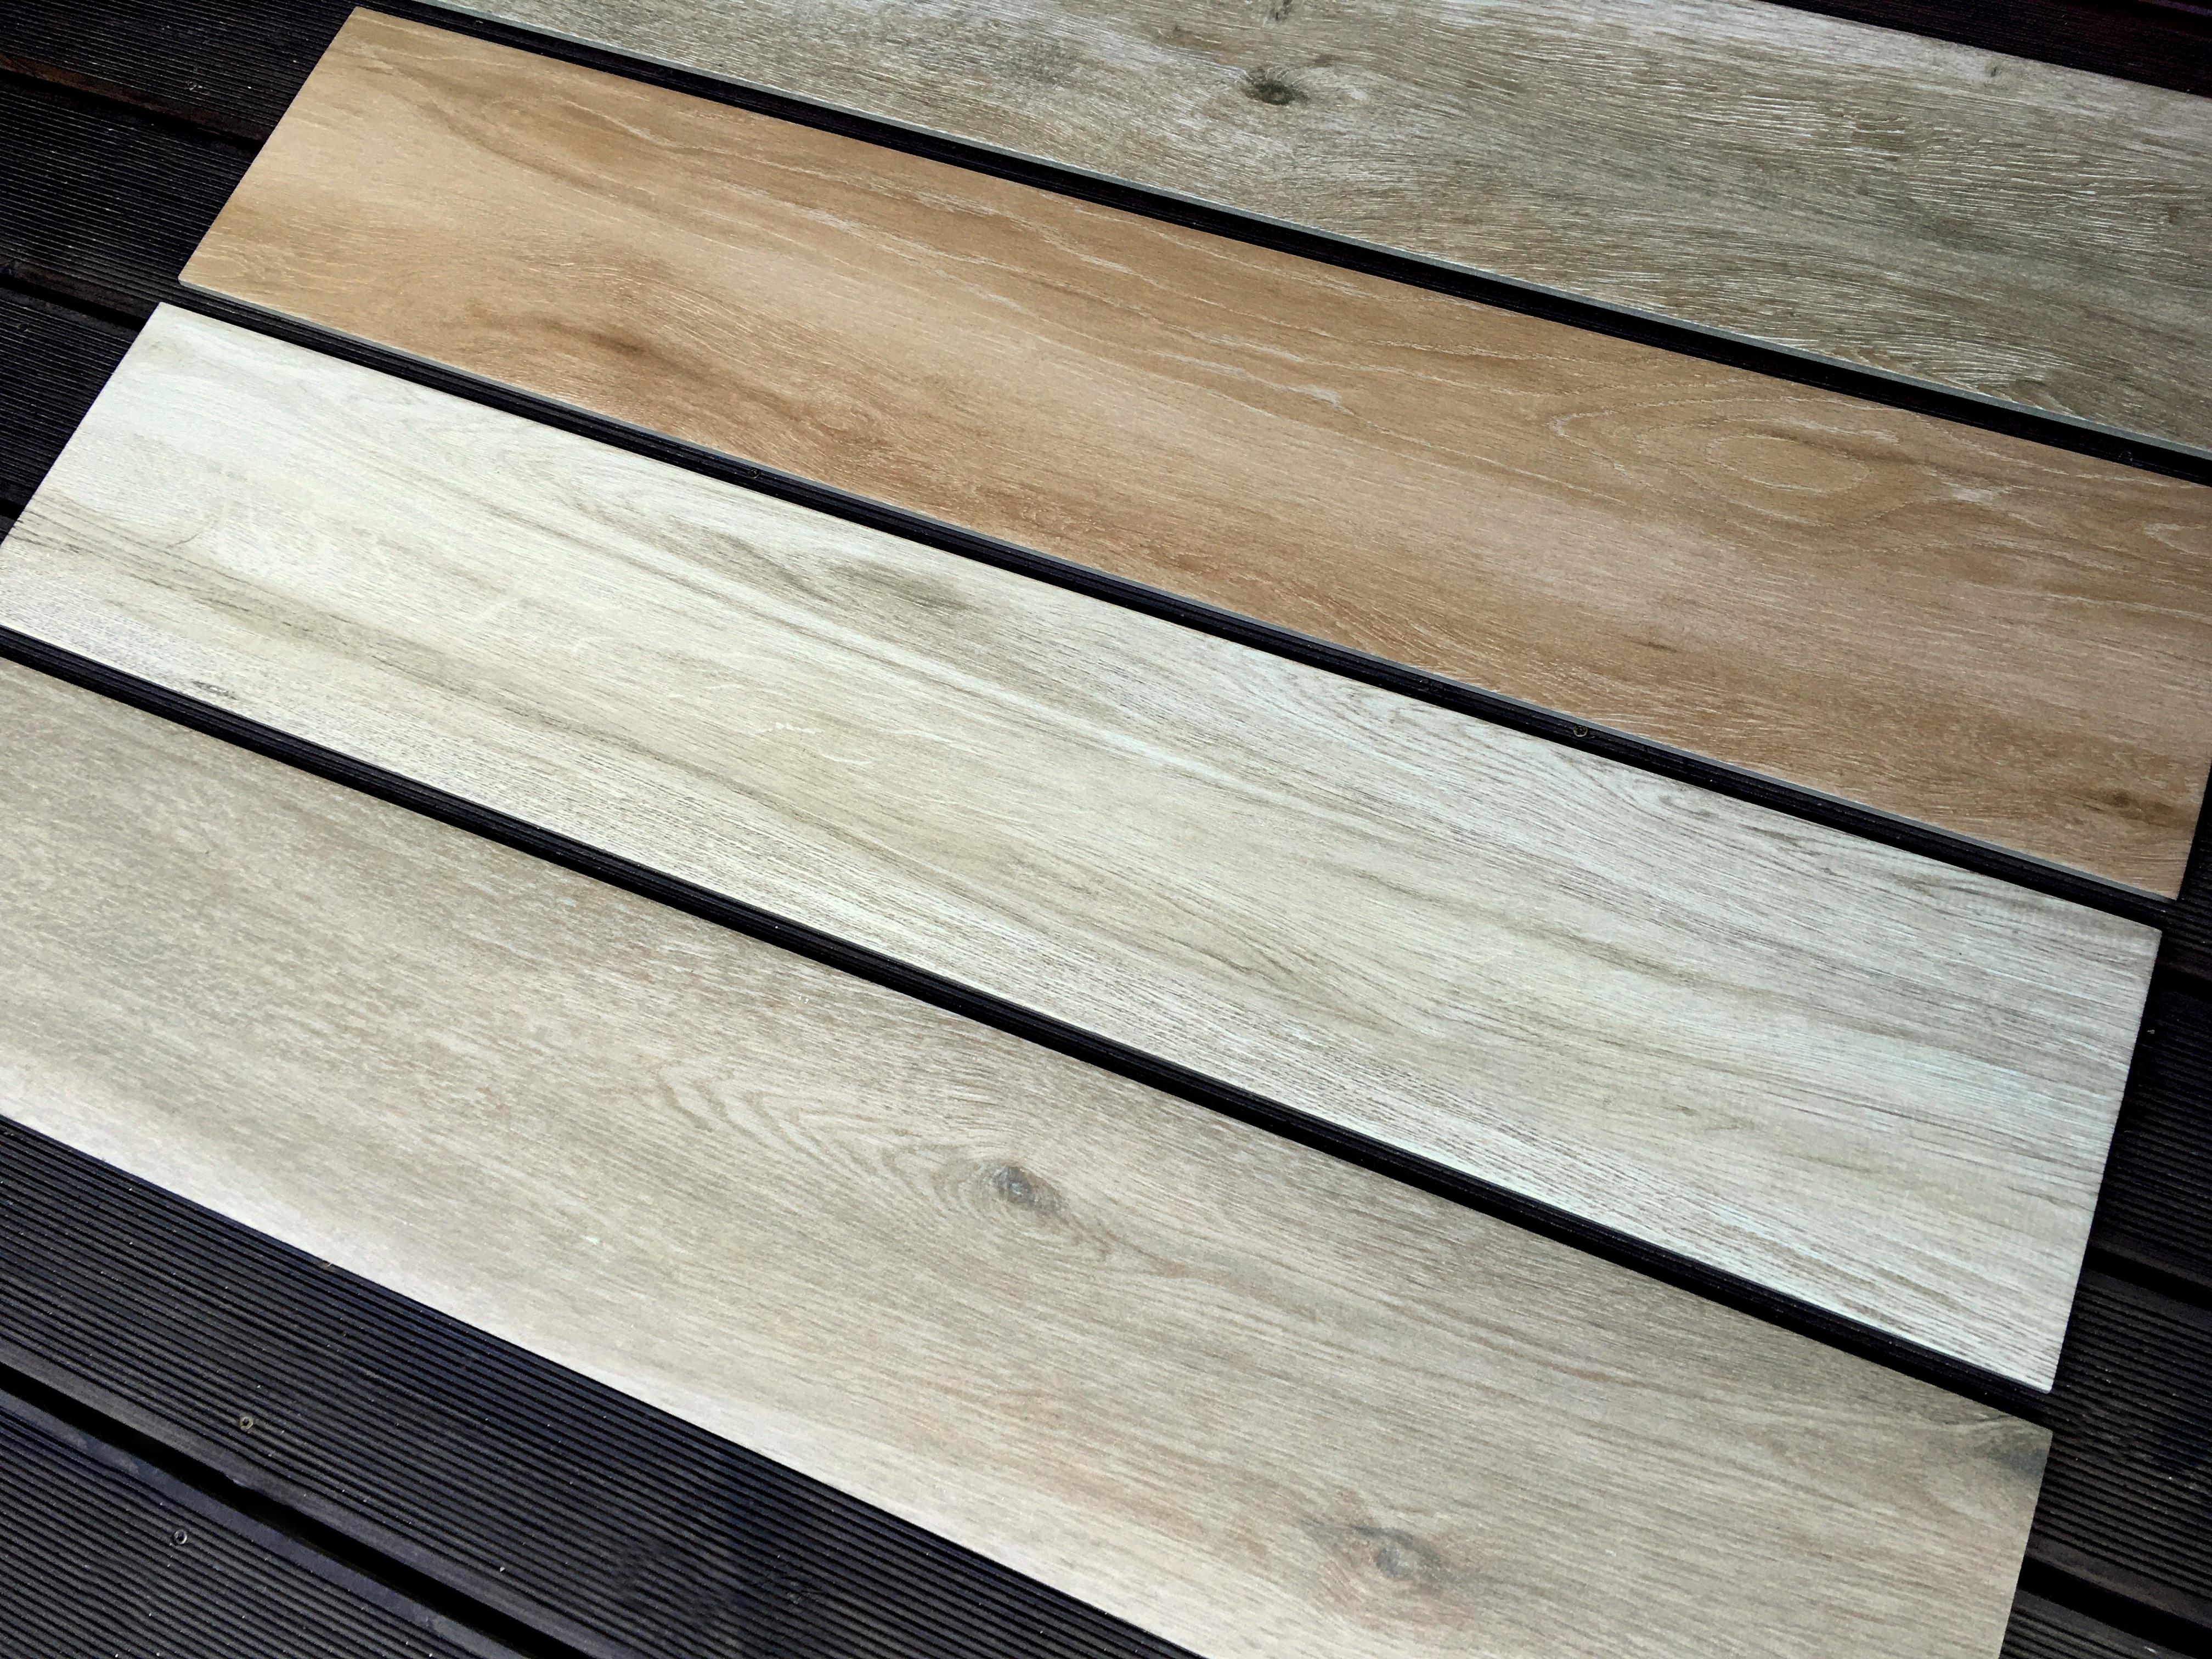 Płytki Drewnopodobne 120x20 Jasne 120x23 90x15 Kaflandopl